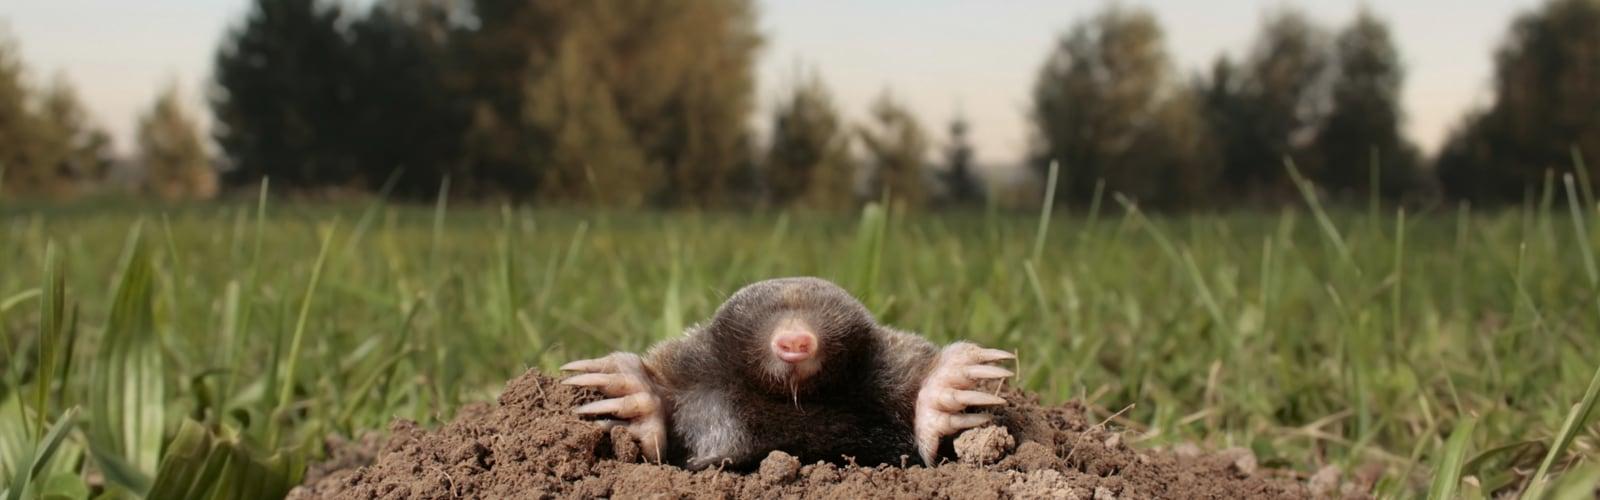 get rid of Moles, Rodents Moles Voles Control Service Port Moody Langley Surrey Vancouver